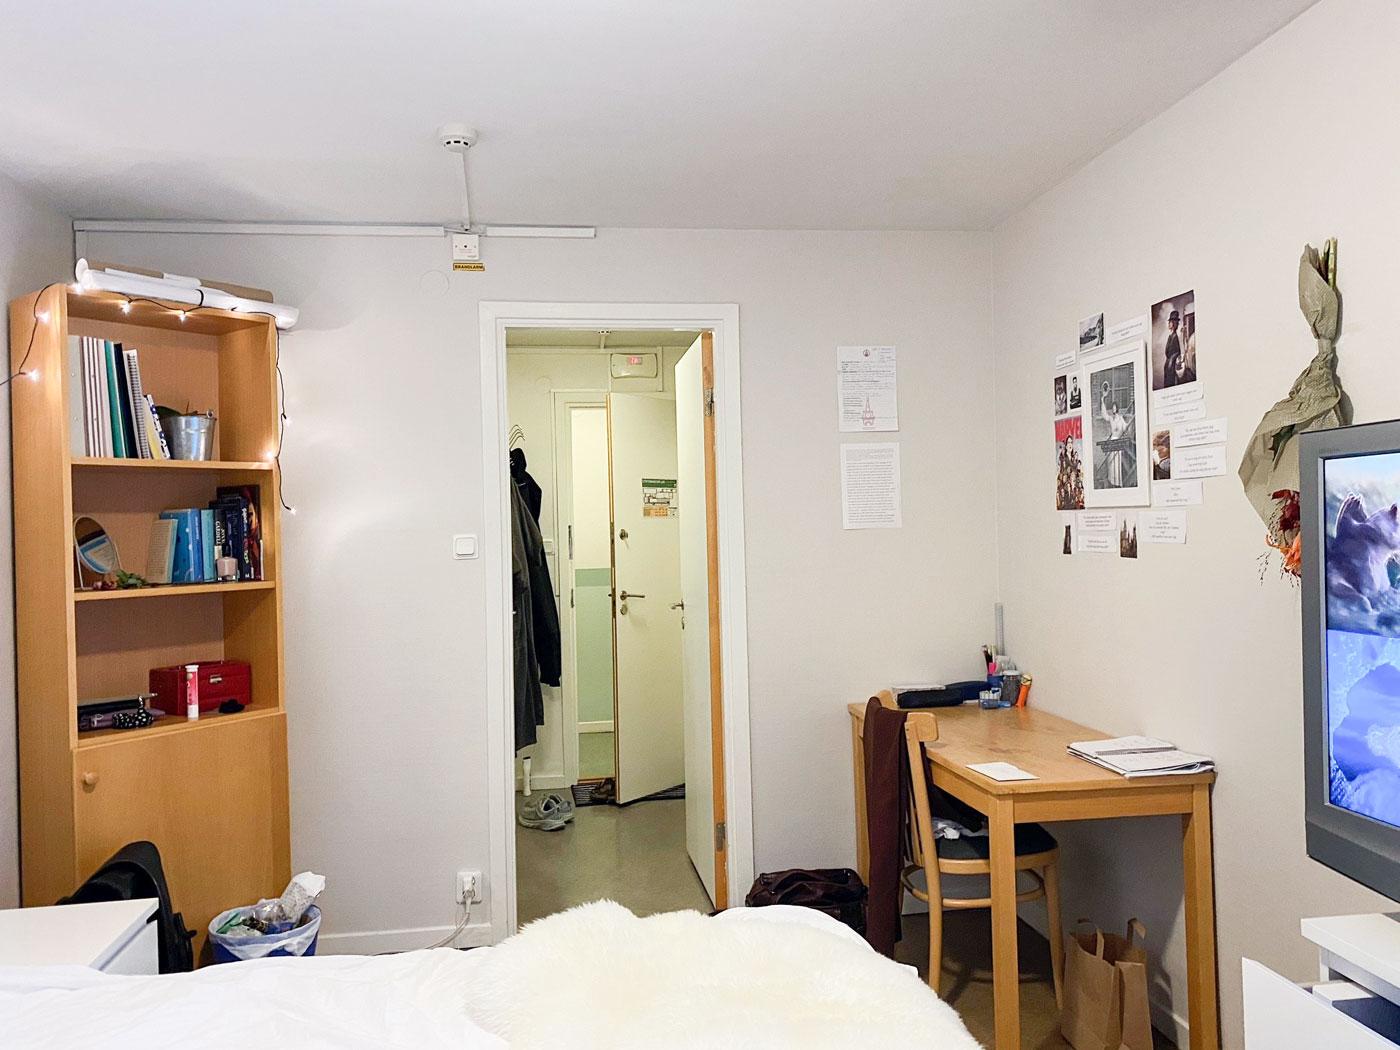 Internatrum skrivbord, dörr, bokhylla